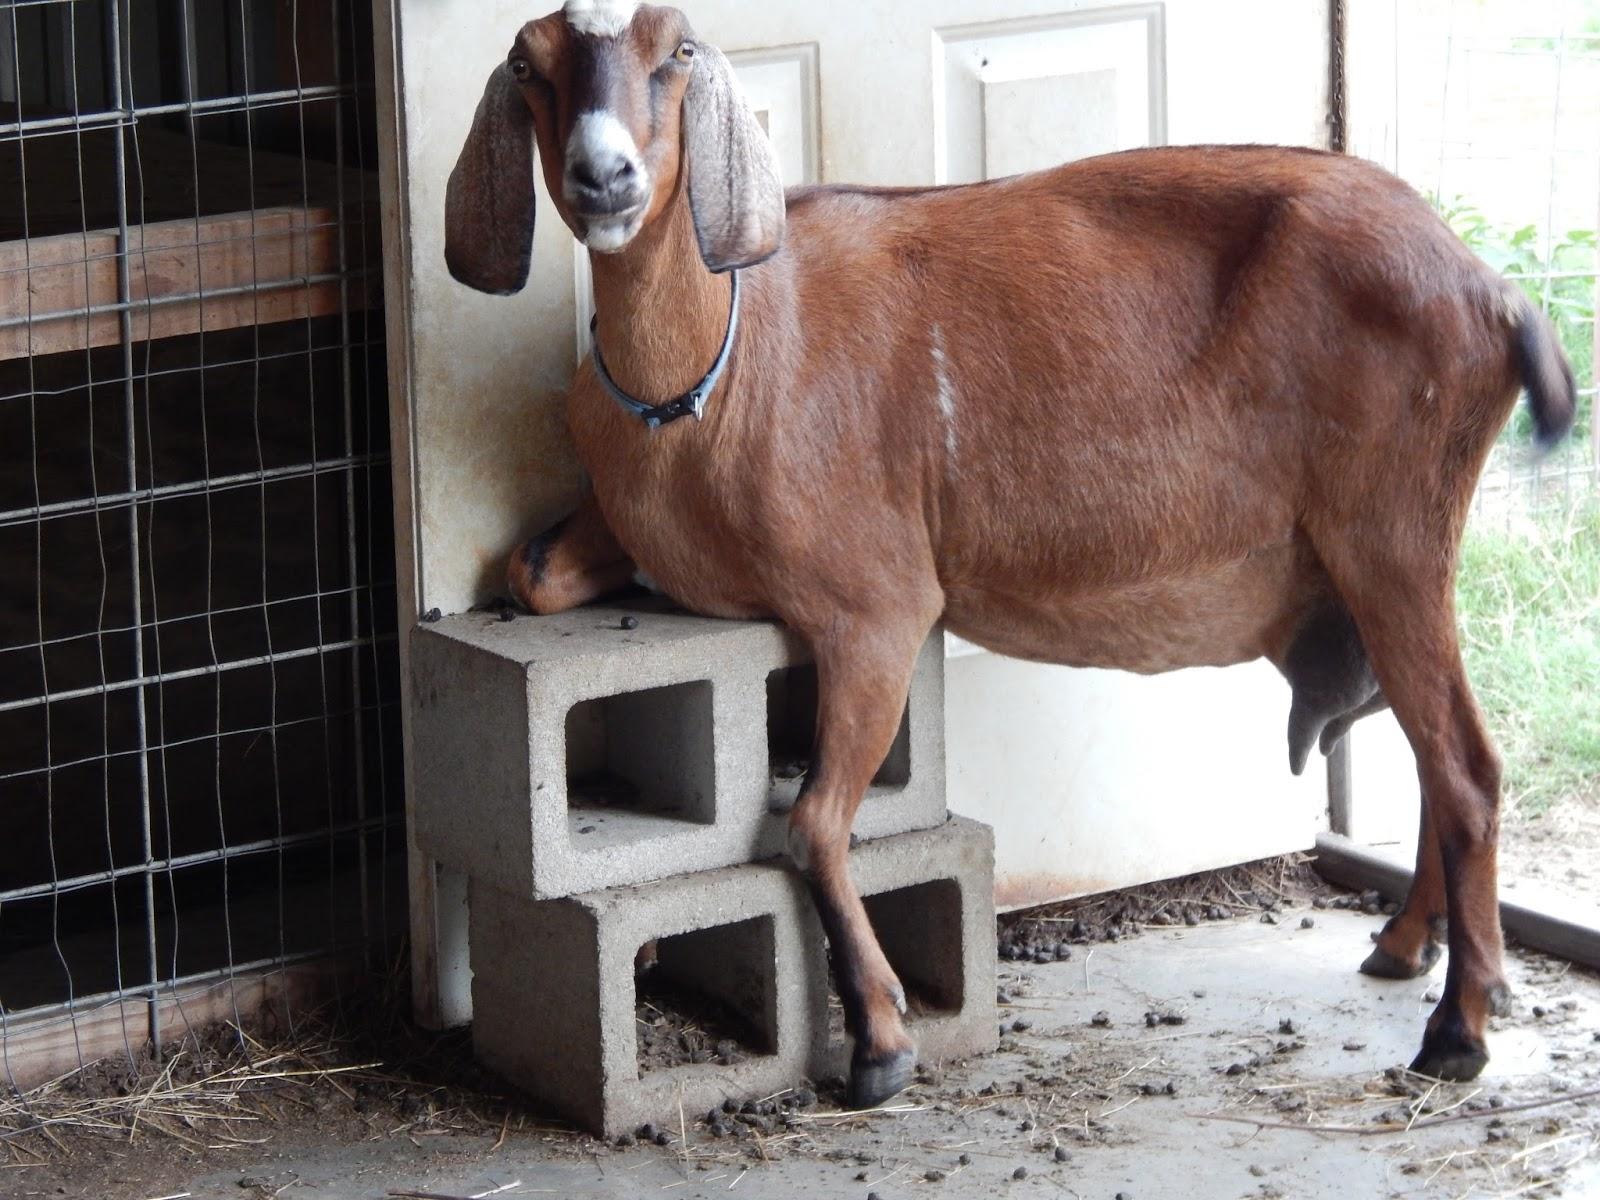 Goat udders